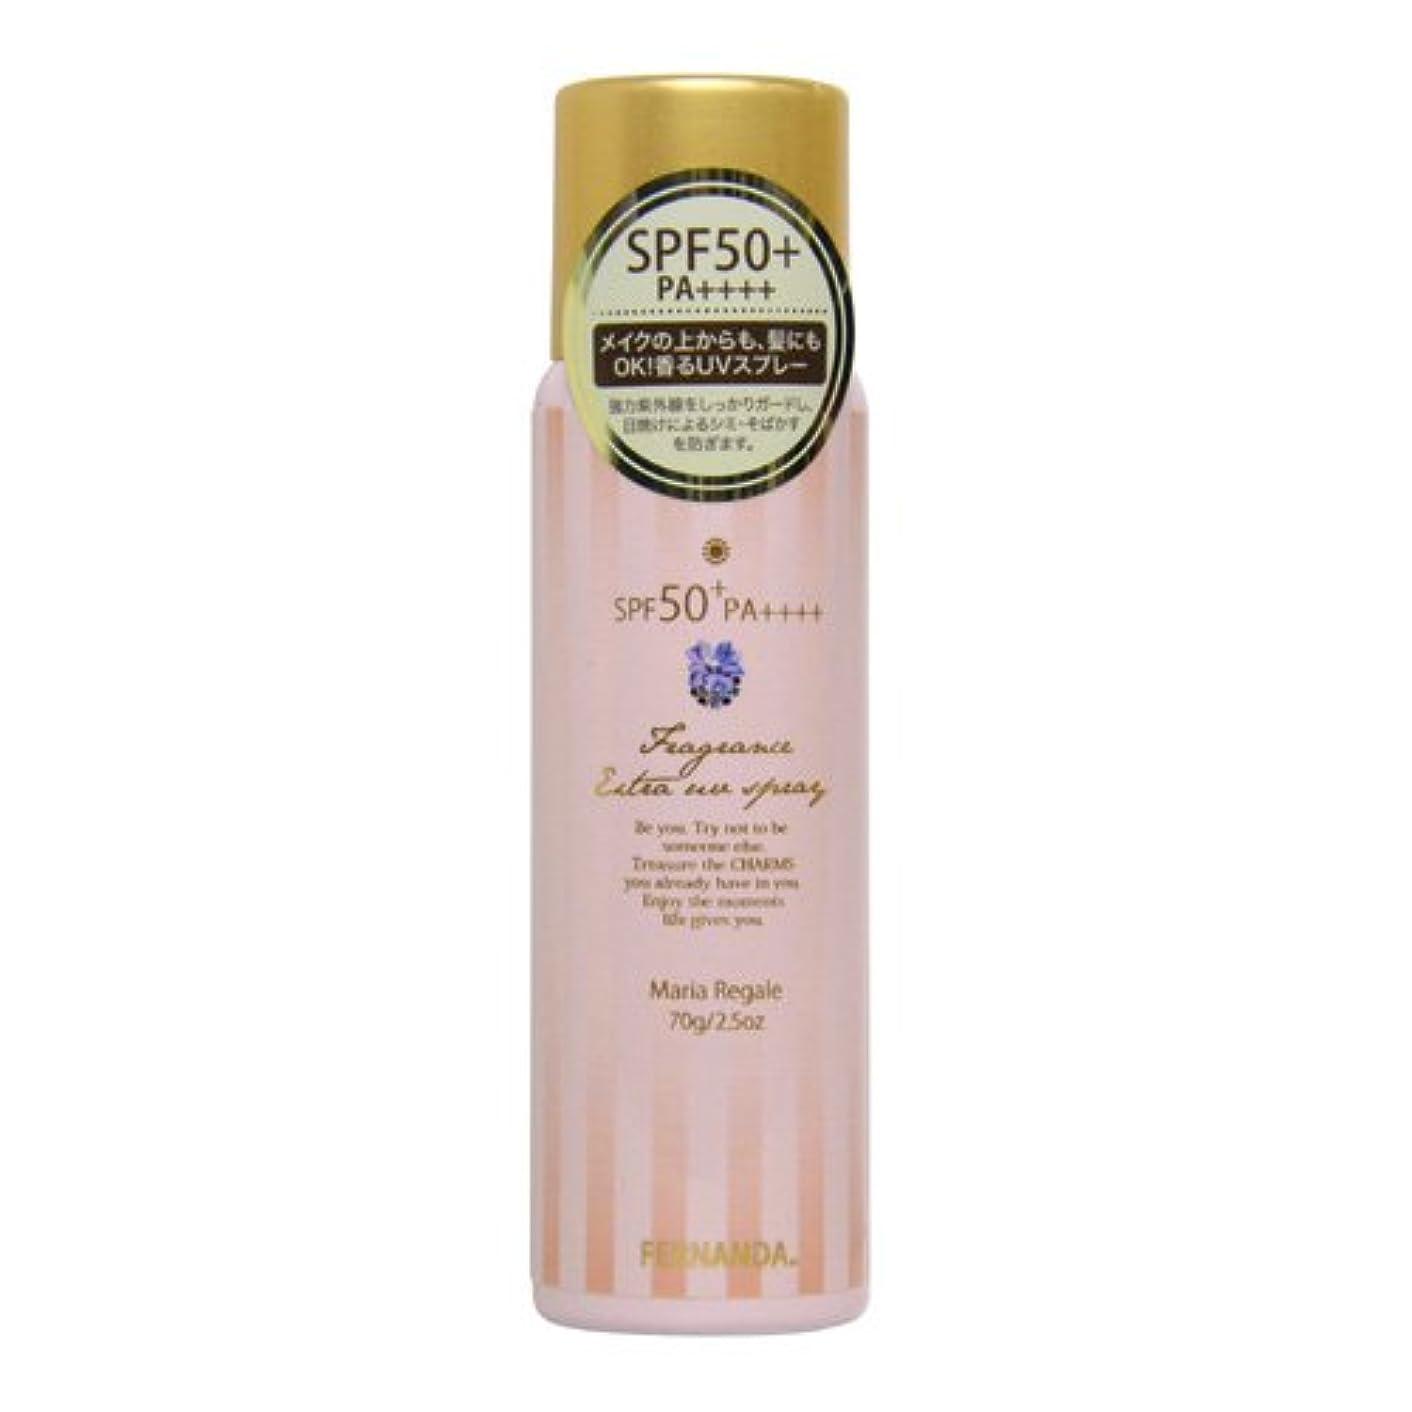 ピーク遅滞からに変化するFERNANDA(フェルナンダ) Extra UV Spray Maria Regale〈SPF50 PA+++〉(エクストラUVスプレー マリアリゲル)